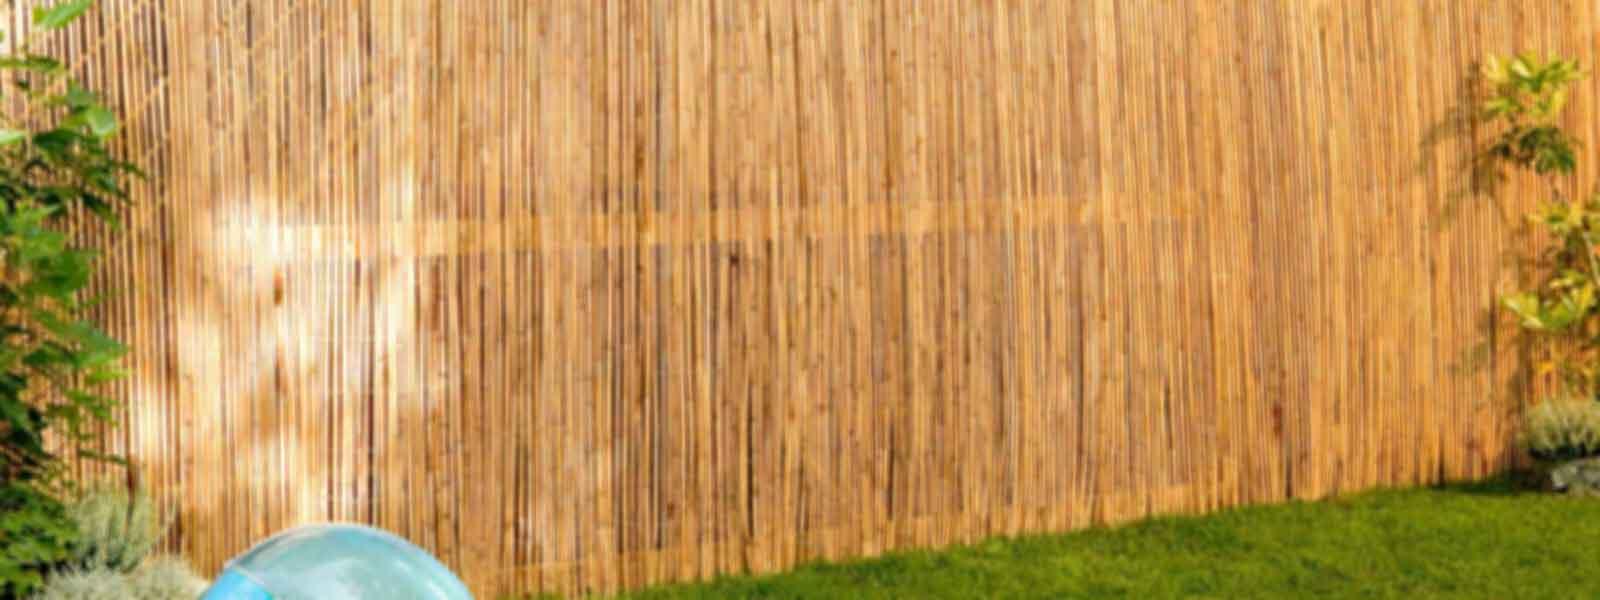 bambusmatten sichtschutzmatten bambussichtschutz. Black Bedroom Furniture Sets. Home Design Ideas